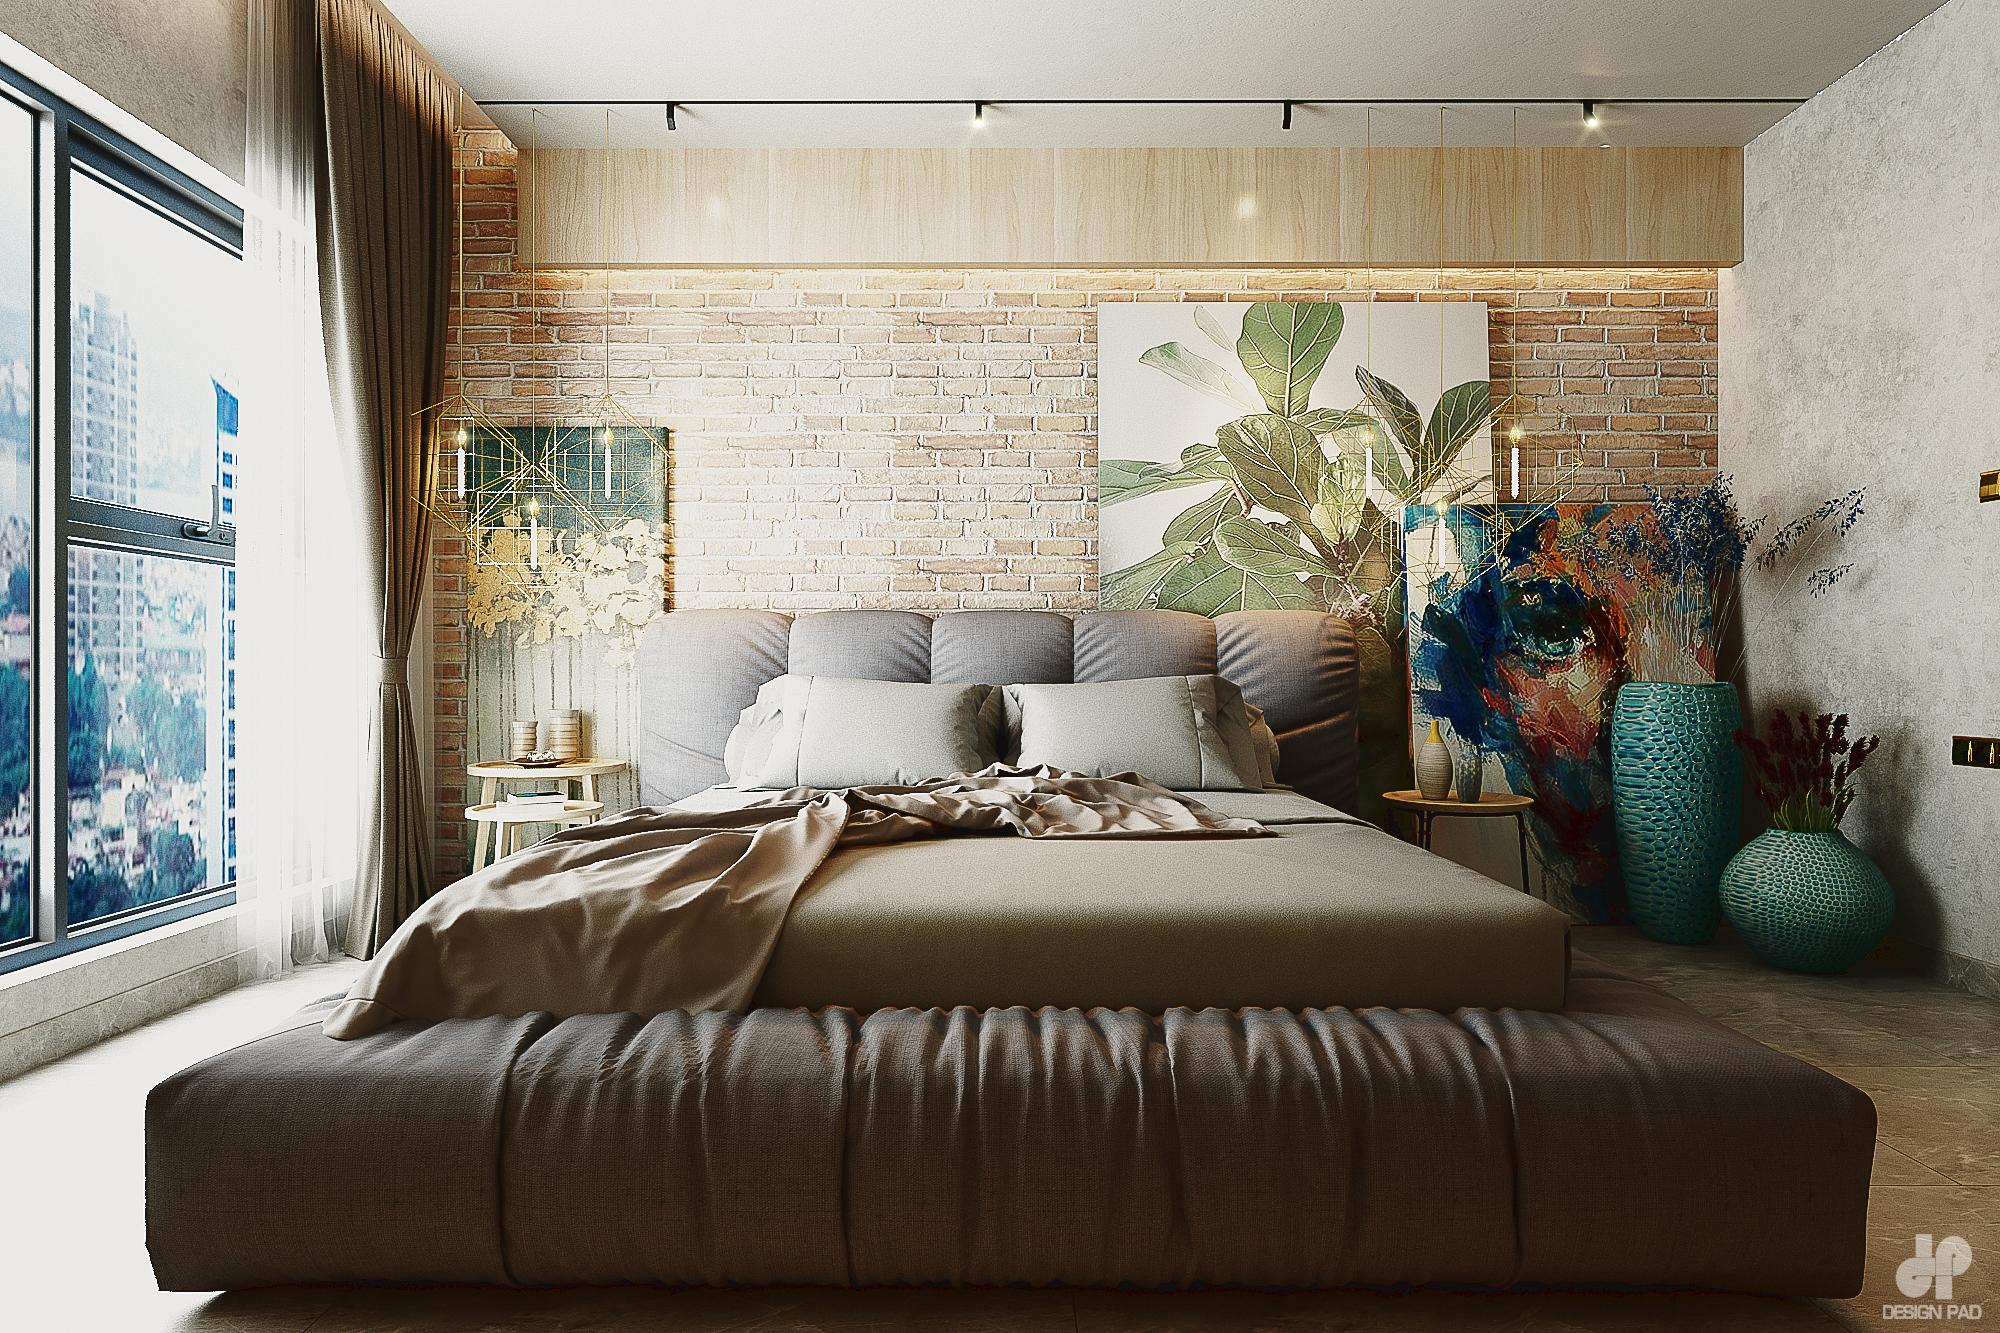 Thiết kế nội thất Nhà Mặt Phố tại Hồ Chí Minh BedRoom - Mr. Thọ 1605514239 2